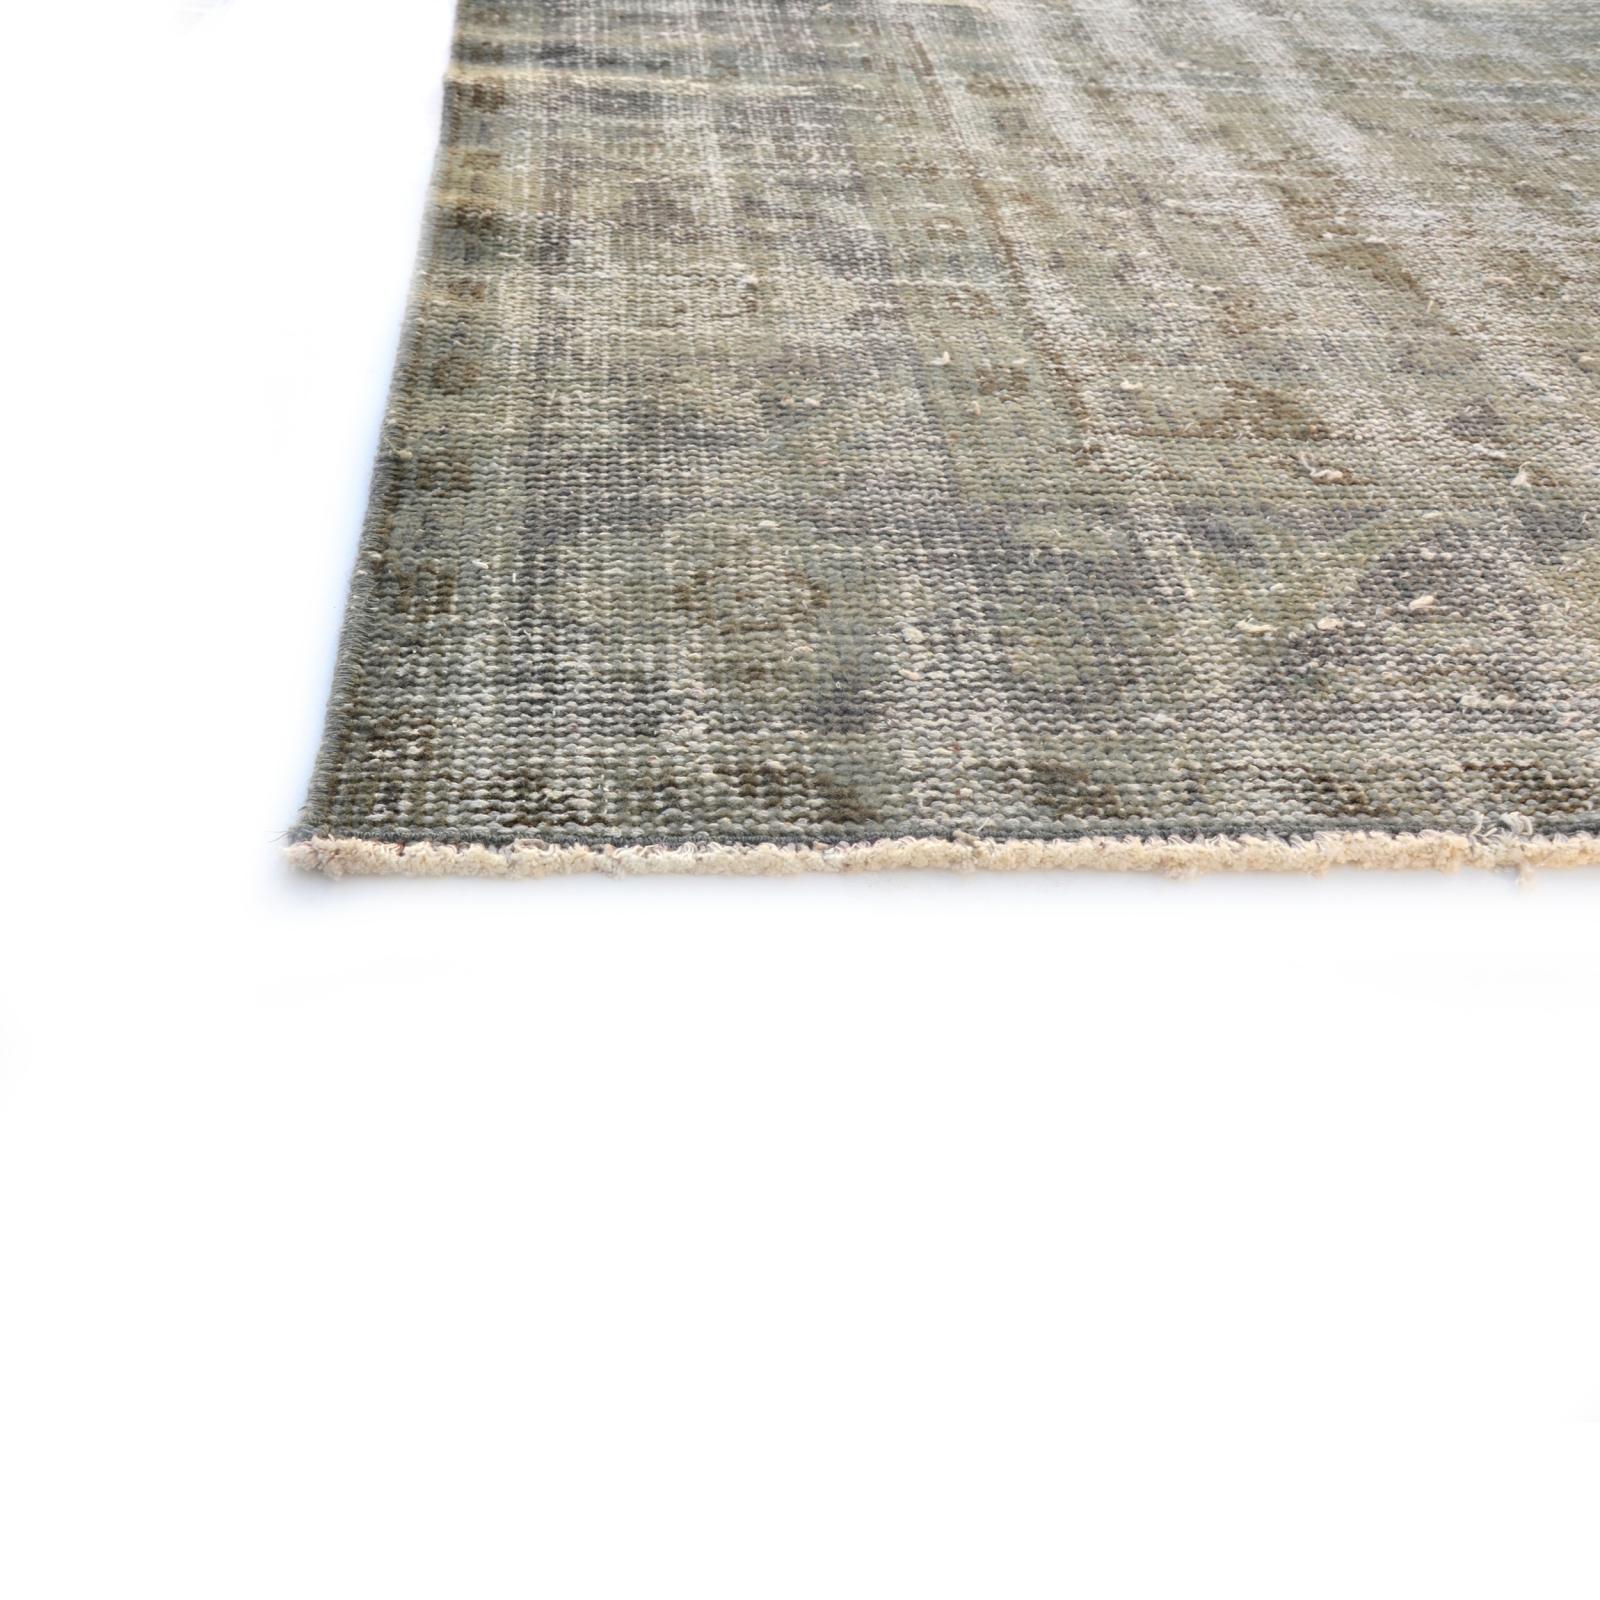 grau vintage umgef rbt teppich 286x185cm. Black Bedroom Furniture Sets. Home Design Ideas